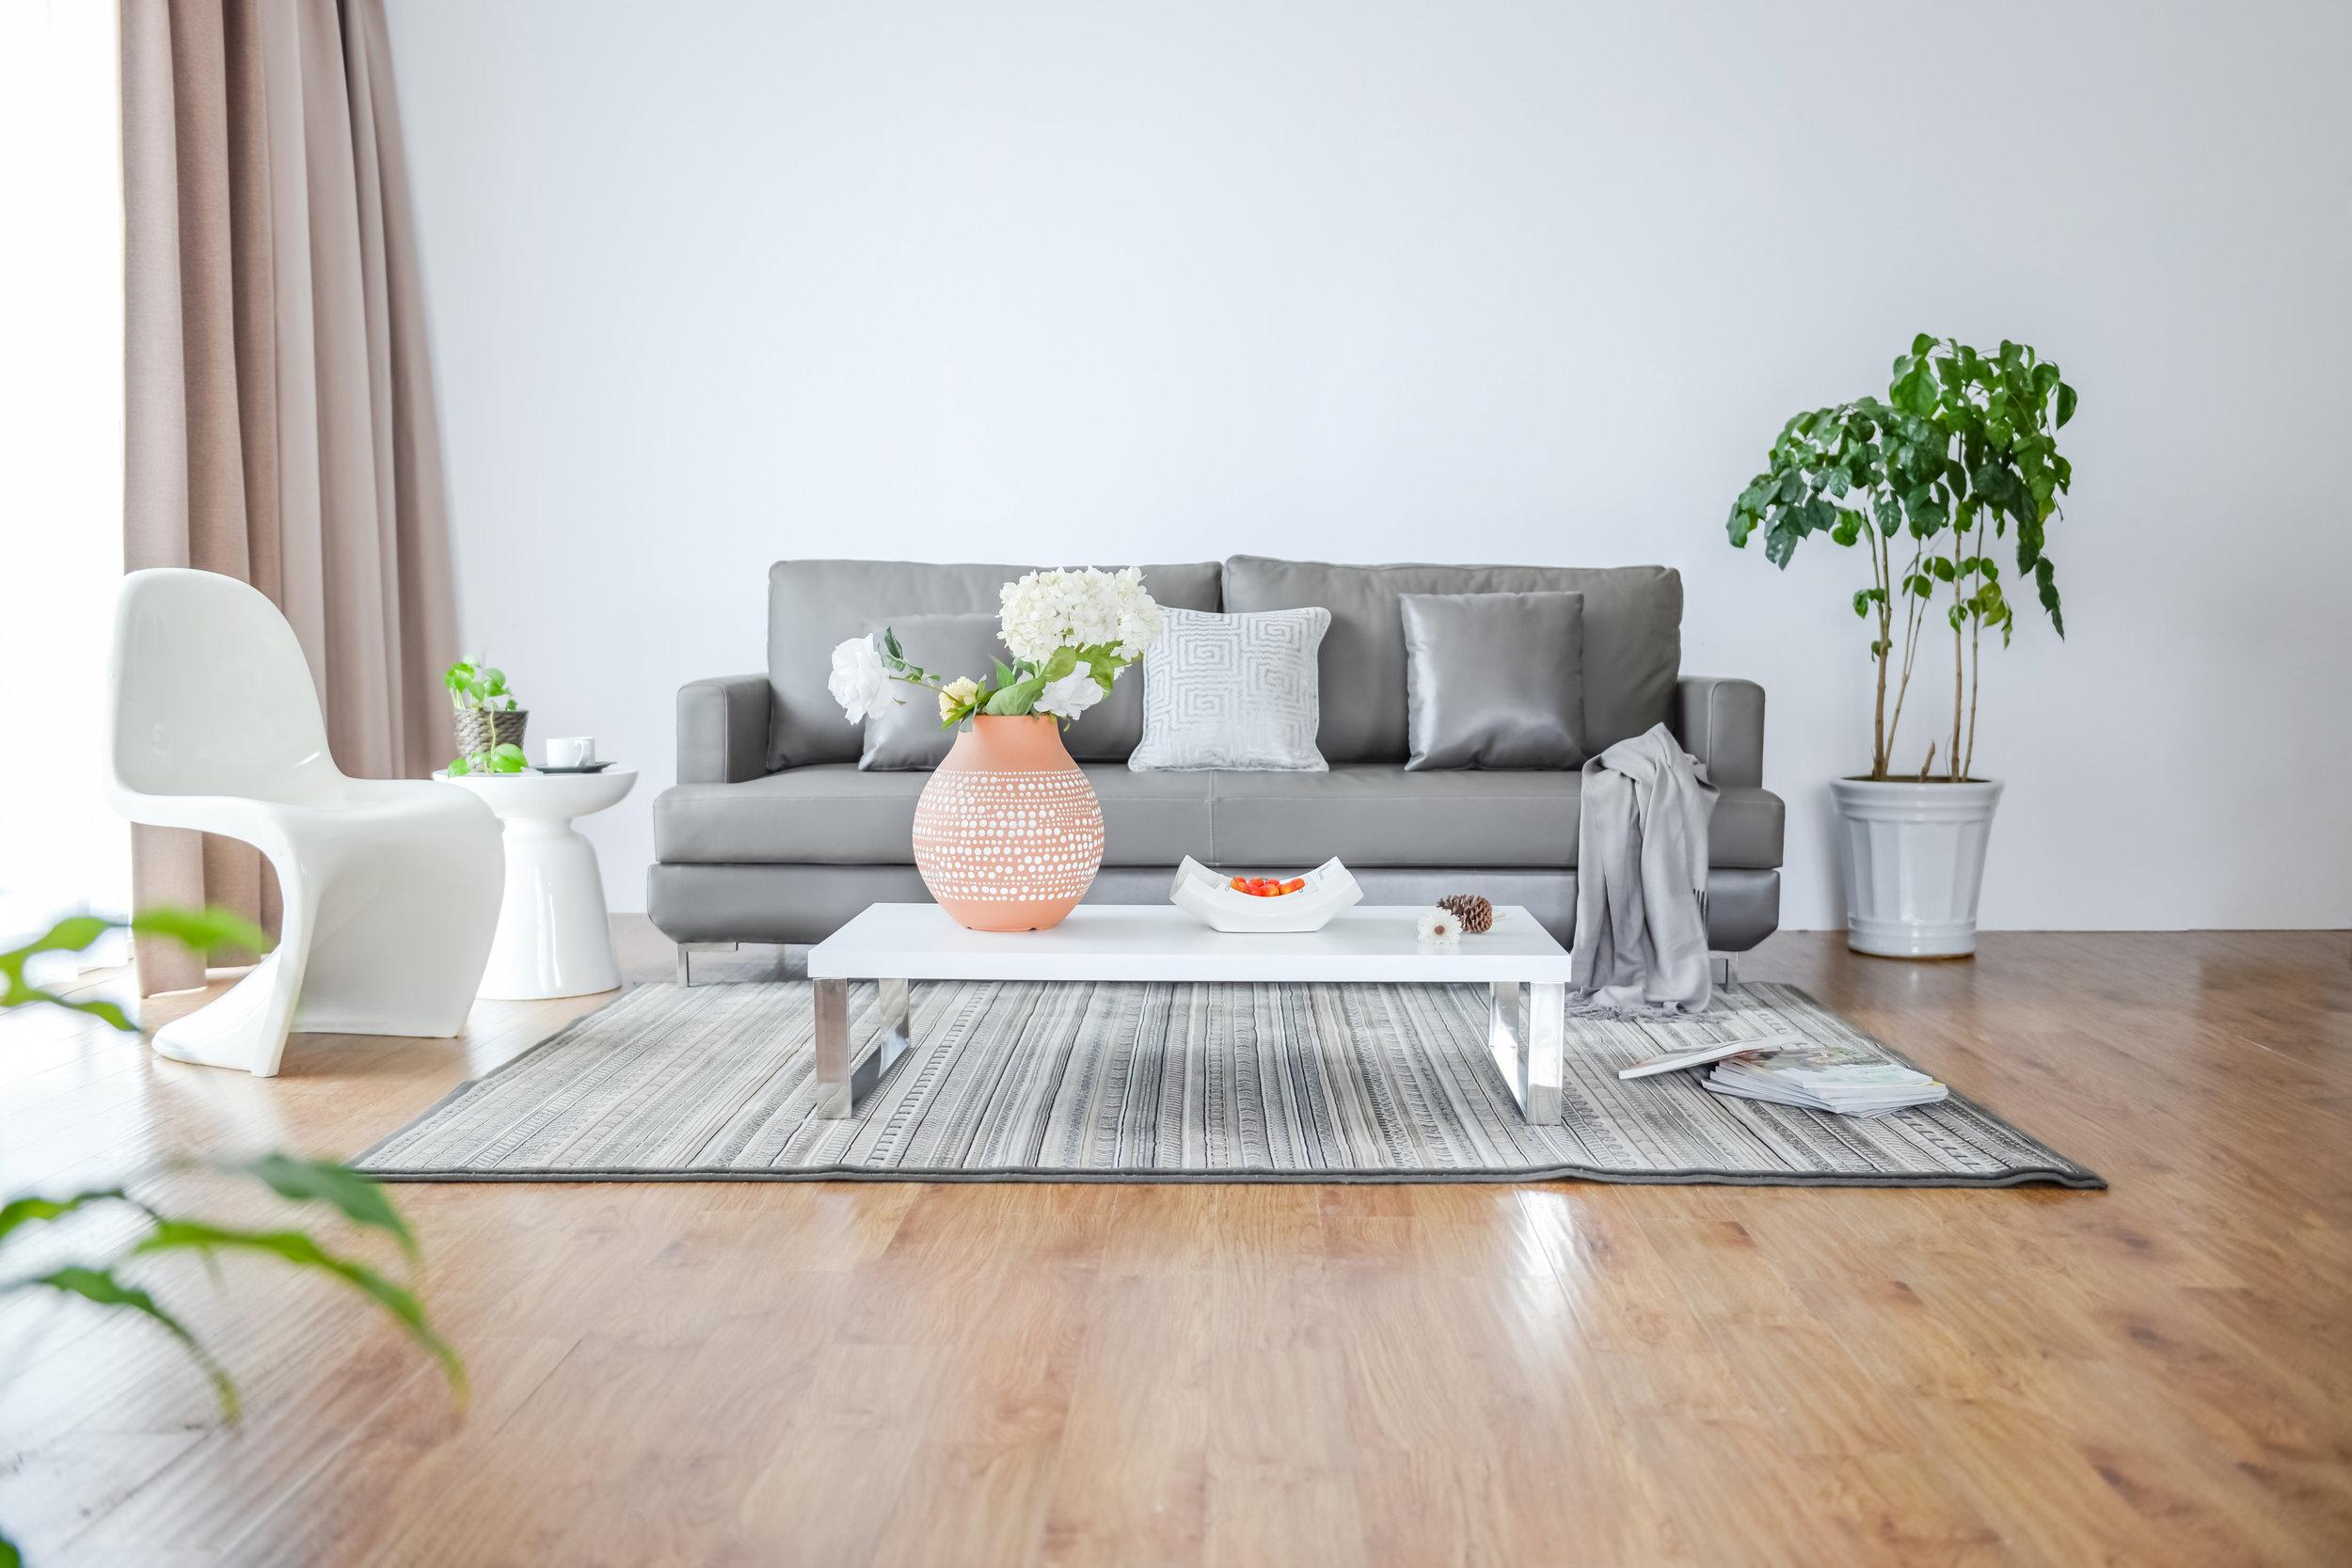 indoor-sofa.jpg